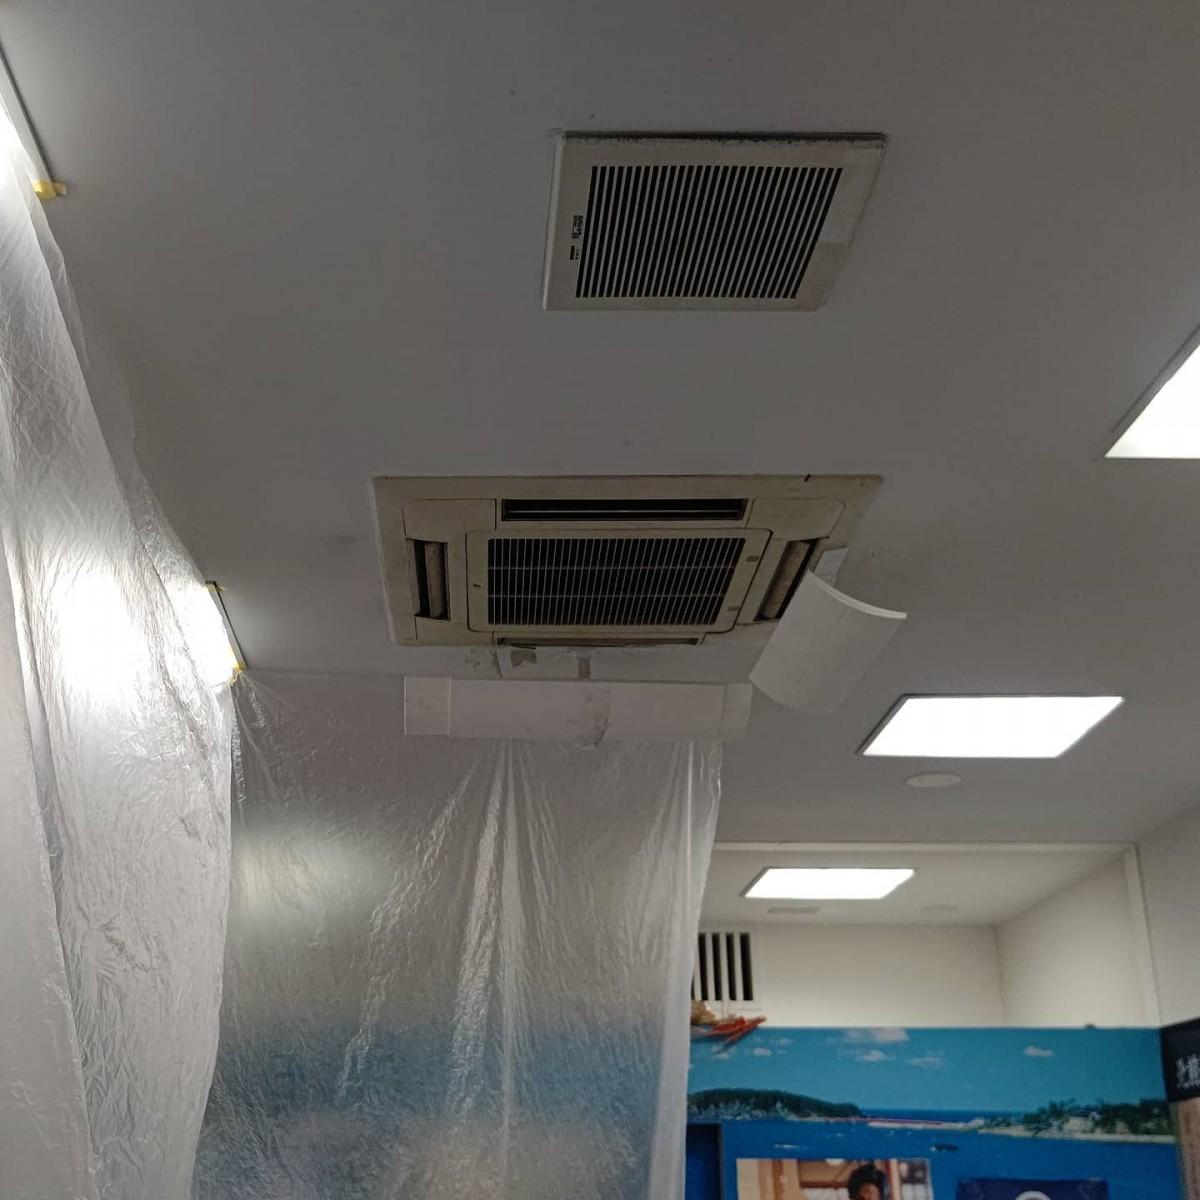 某アンテナショップ様、エアコン改修!運転できるけれど1時間ほどでエラーが出て停まってしまう症状。ポンプ交換ほか部品交換と清掃を実施します。暑いとはいえ秋を感じさせる風が吹くようになりました。現場も少しは楽になりますね。#エアコン #エアコン改修 #ダイキン #アンテナショップ #店舗 #空調設備 #部品交換 #電気工事 #リフォーム工事 #防犯設備 #品川区大崎